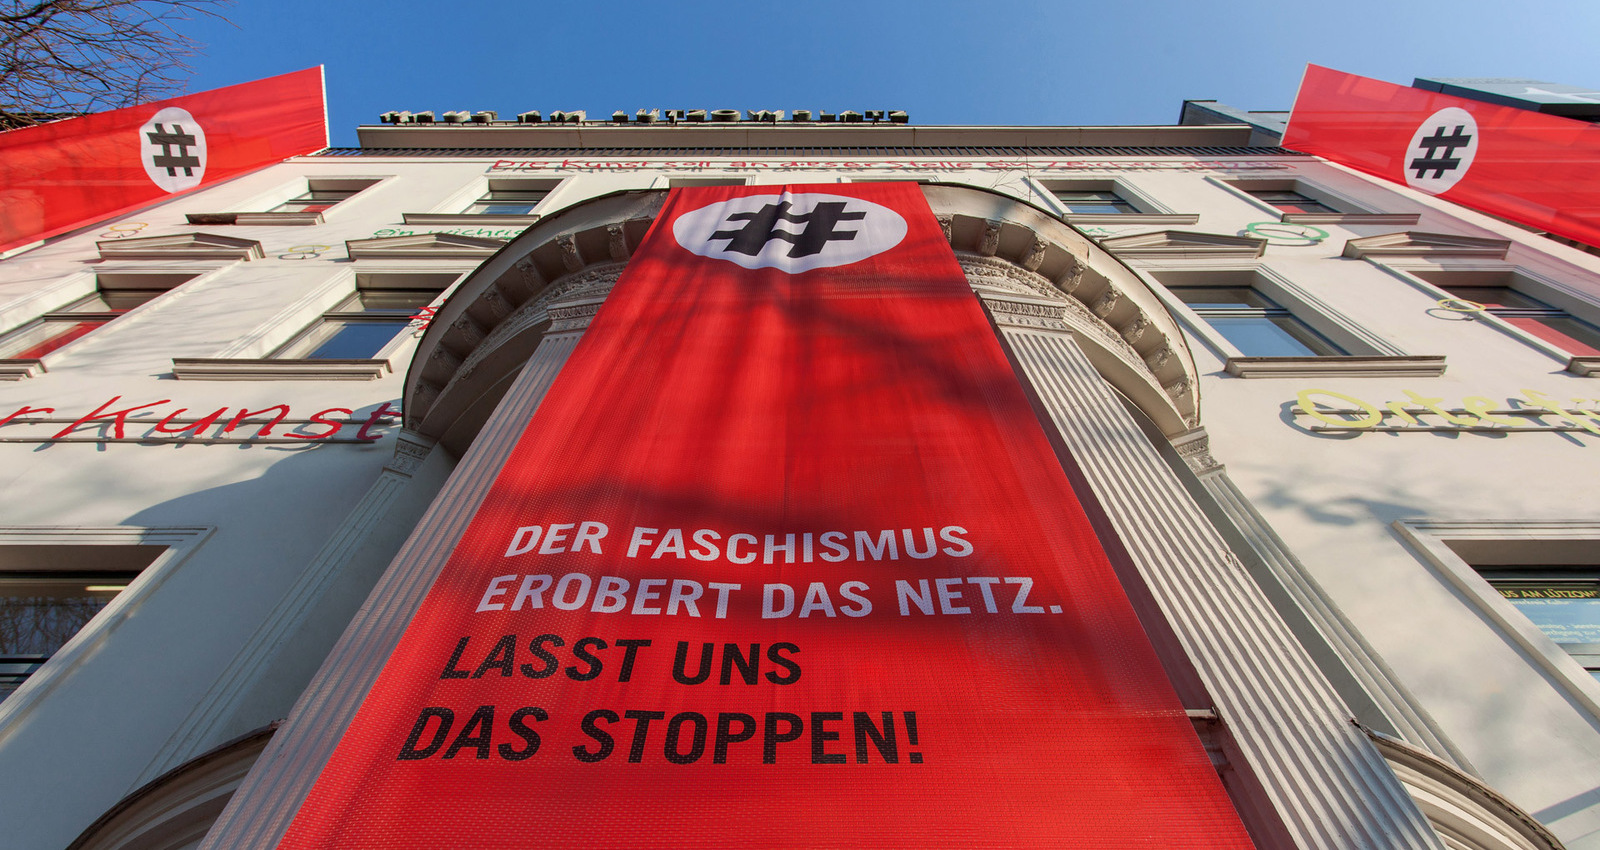 #Hitler